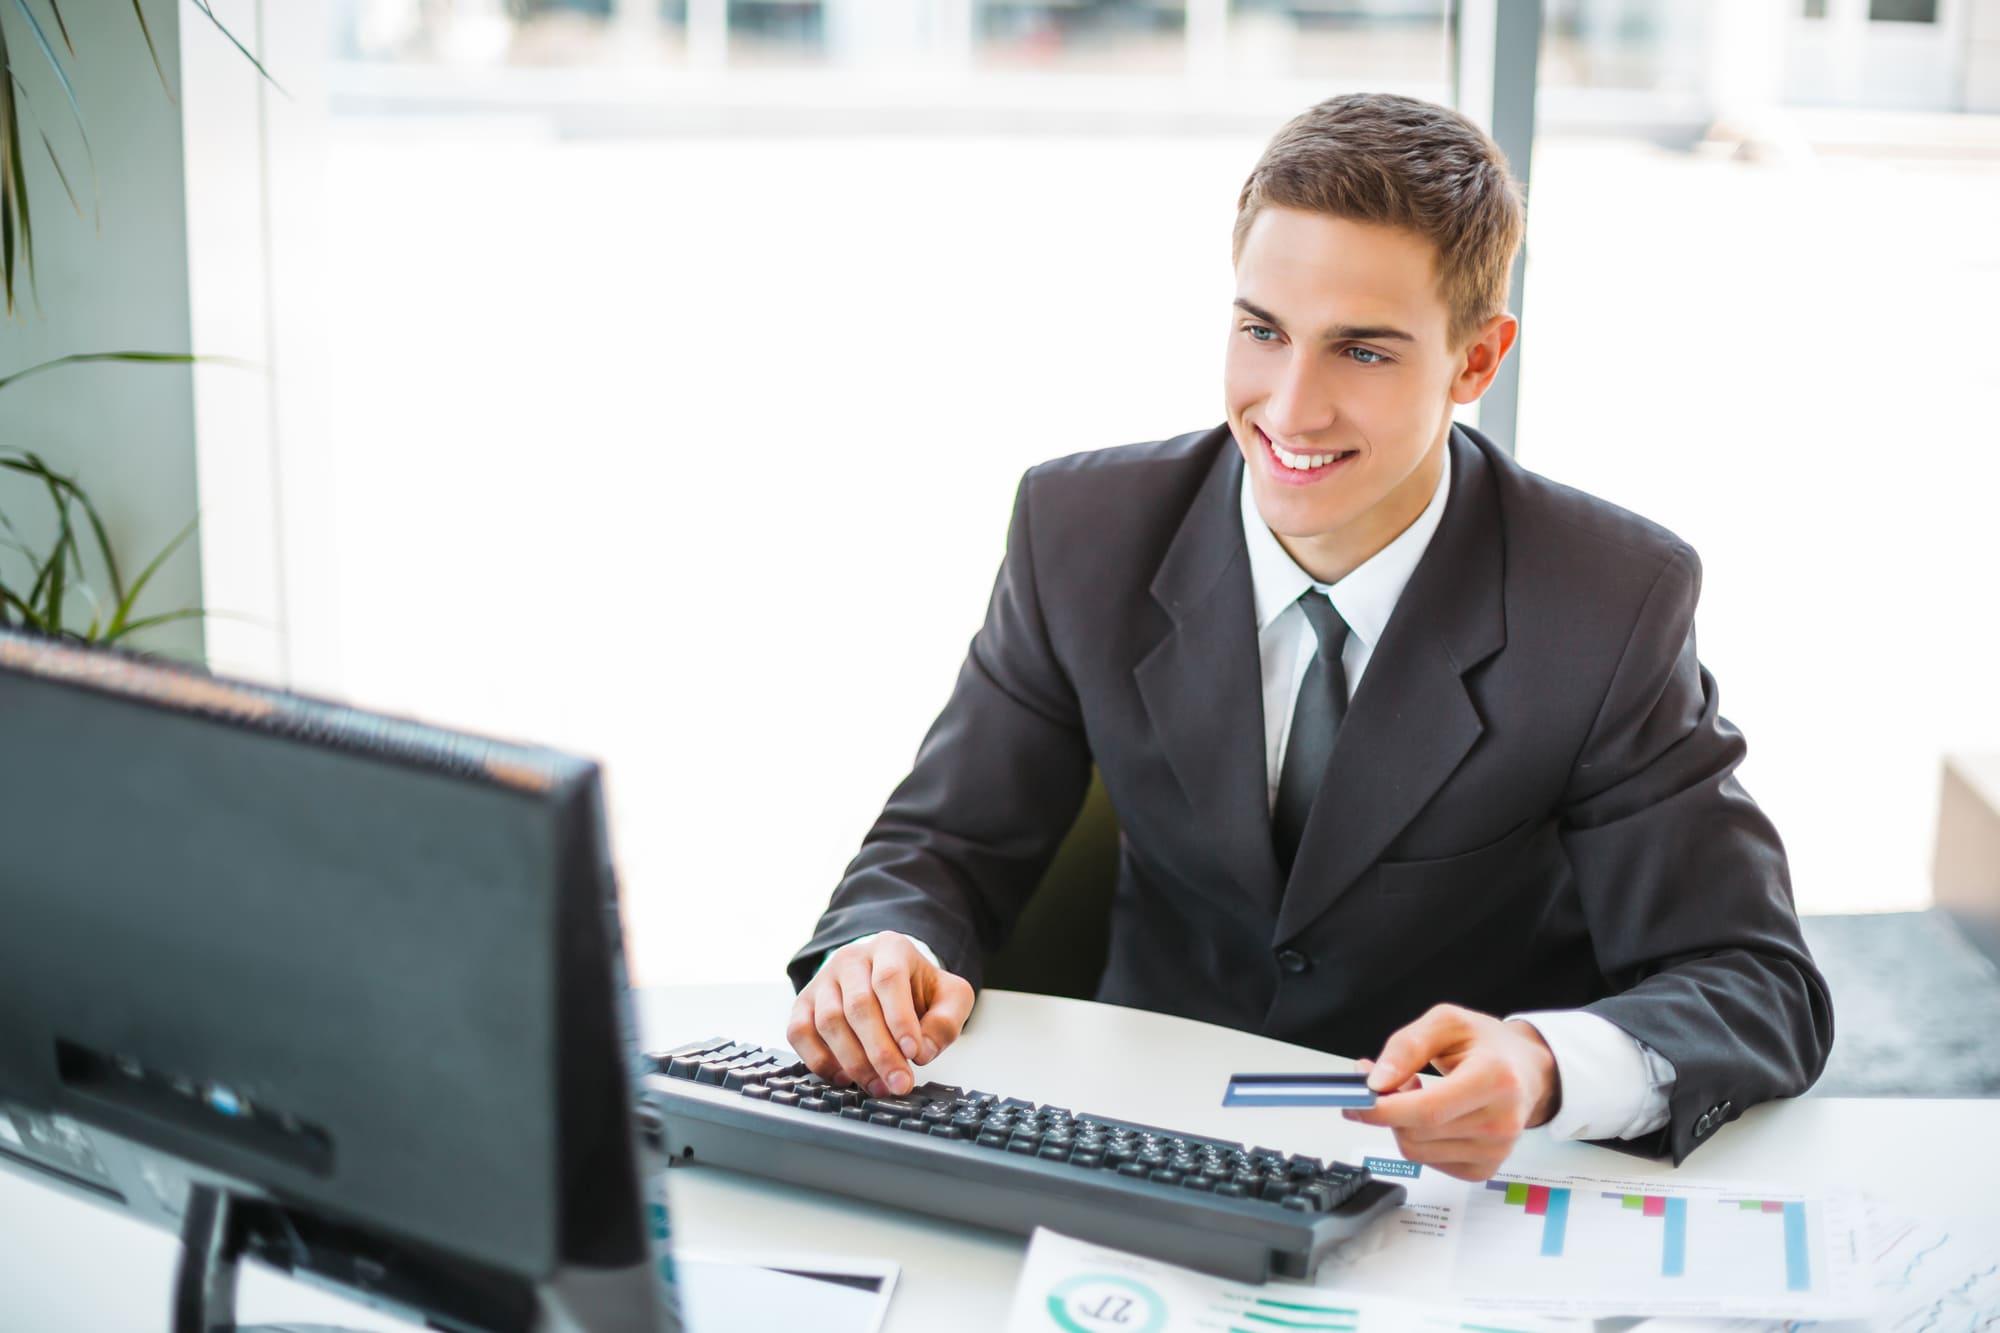 PCで微笑むビジネスマン男性